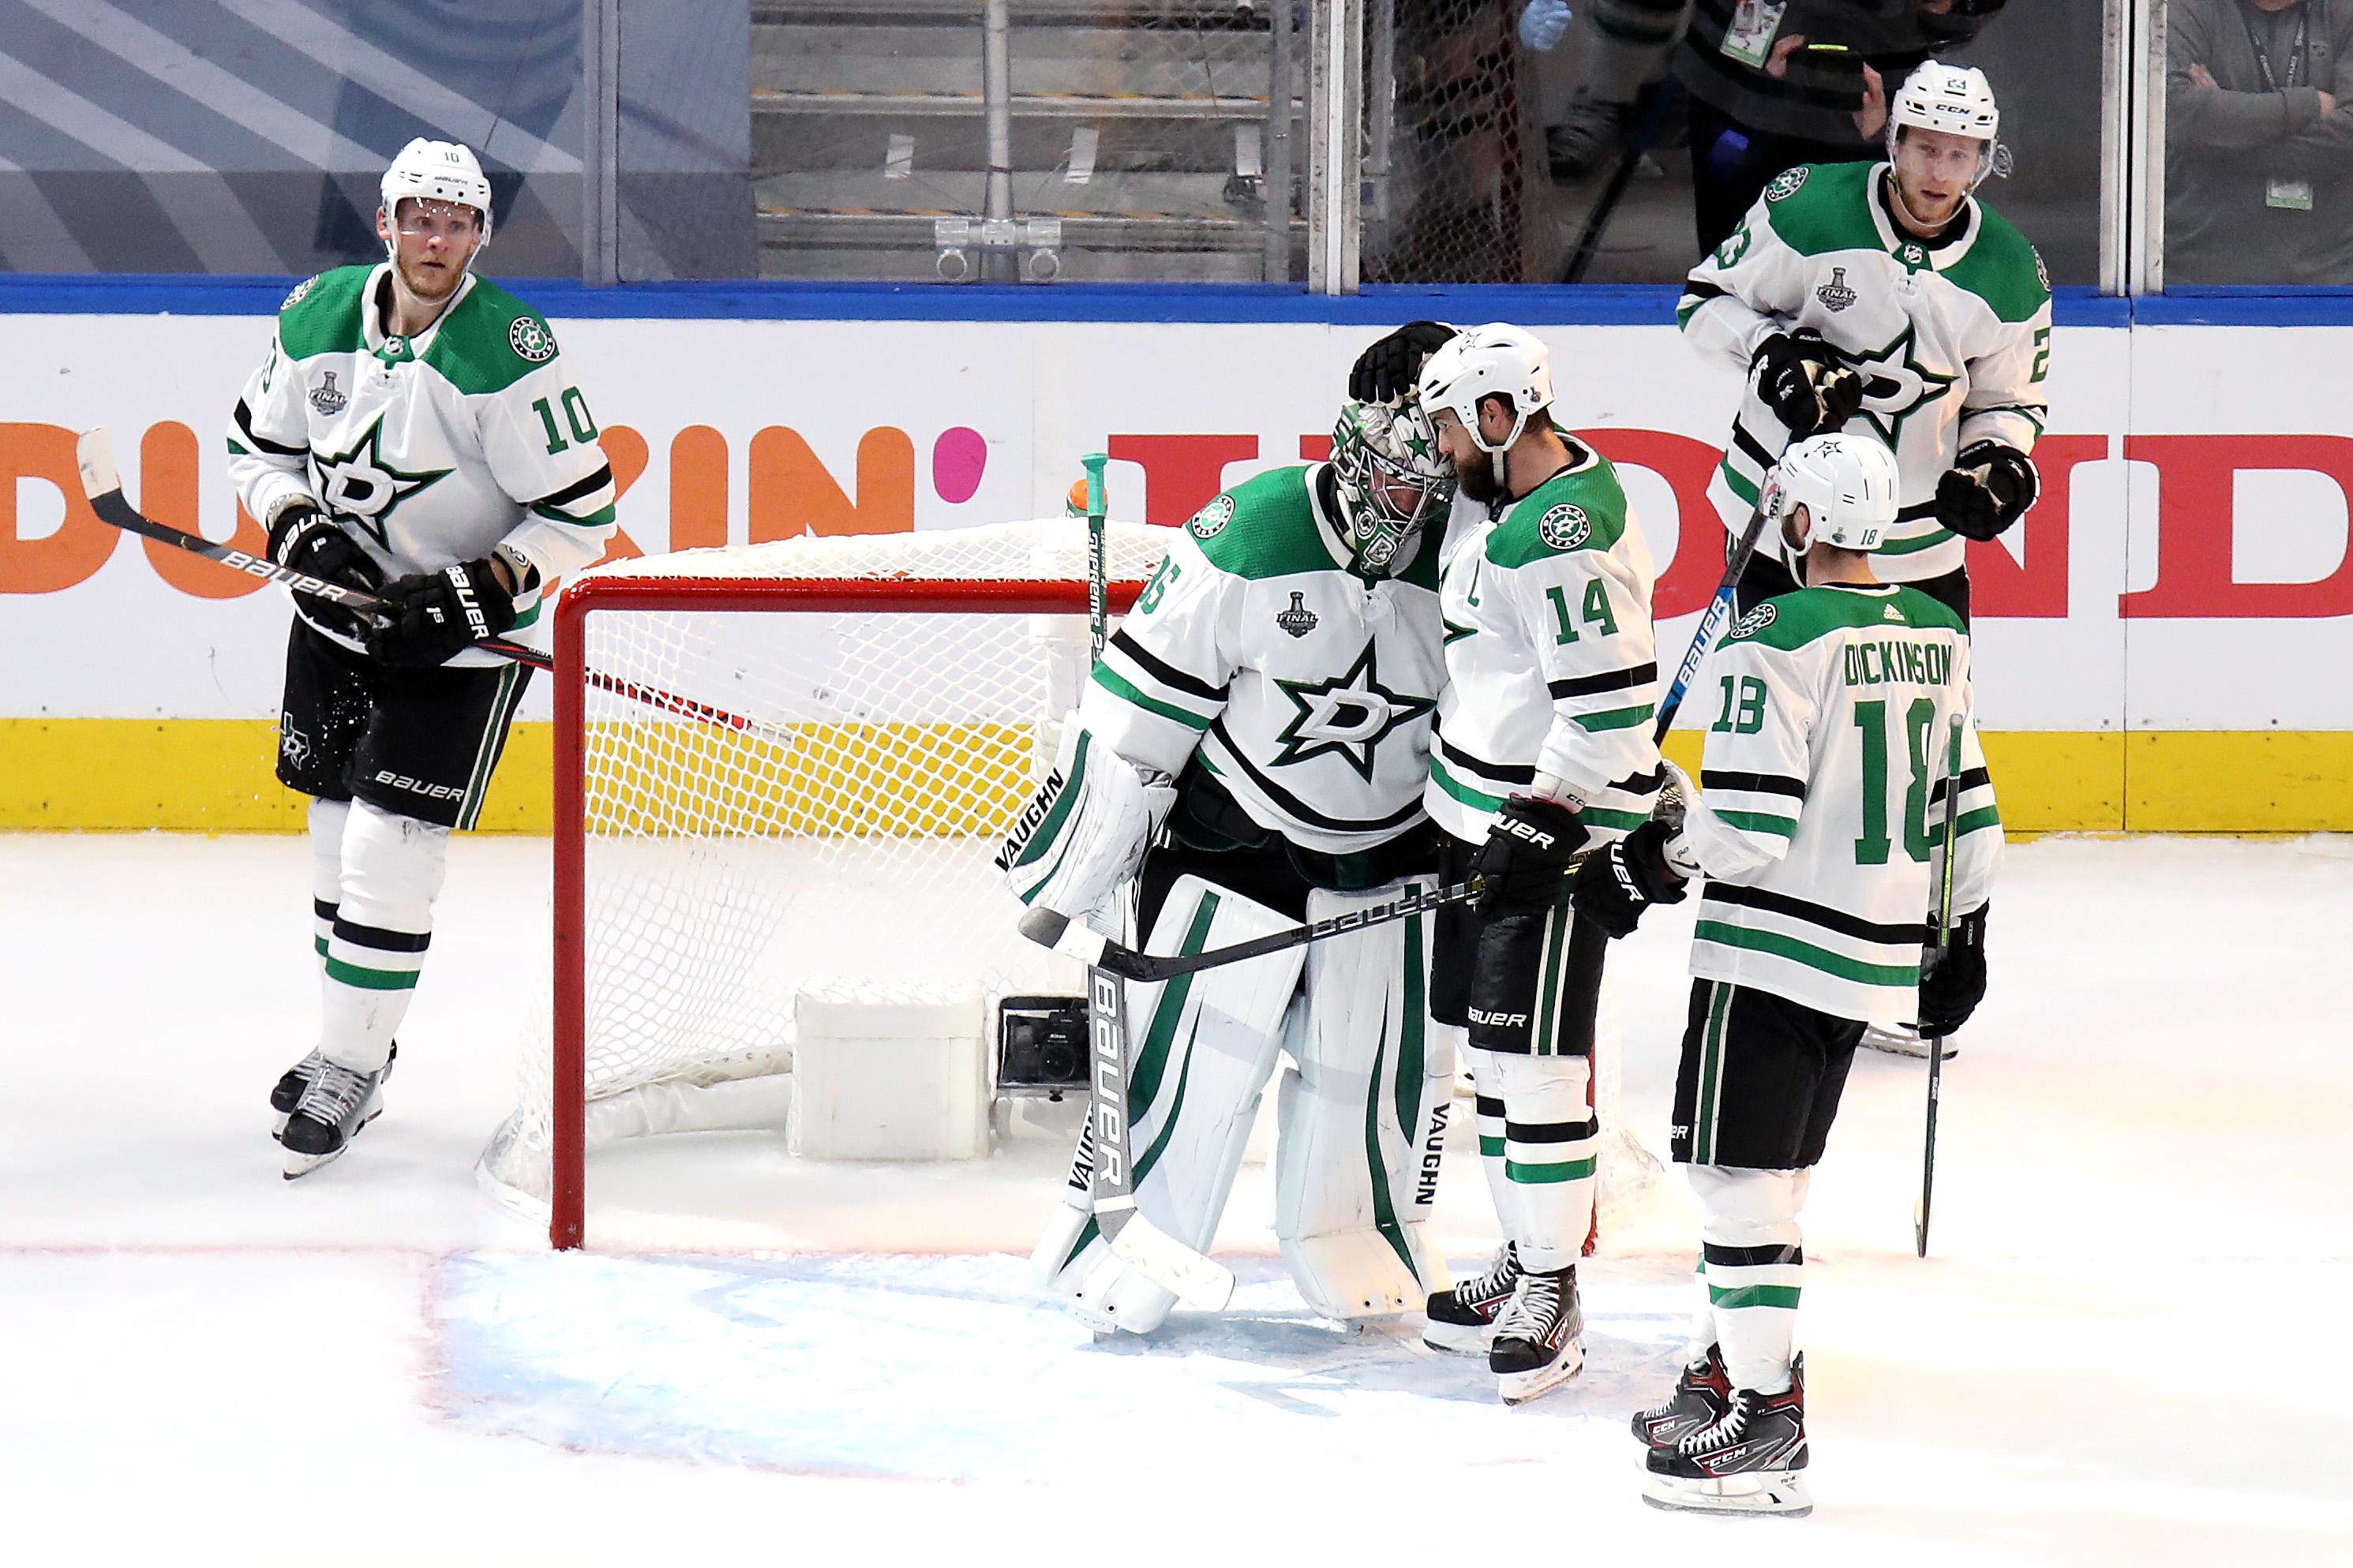 2020年9月19日,在加拿大埃德蒙顿Rogers Place举行的2020年NHL斯坦利杯决赛第一场比赛中,达拉斯明星队的Anton Khudobin和Jamie Benn庆祝他们的球队以4-1的比分战胜坦帕湾闪电队。